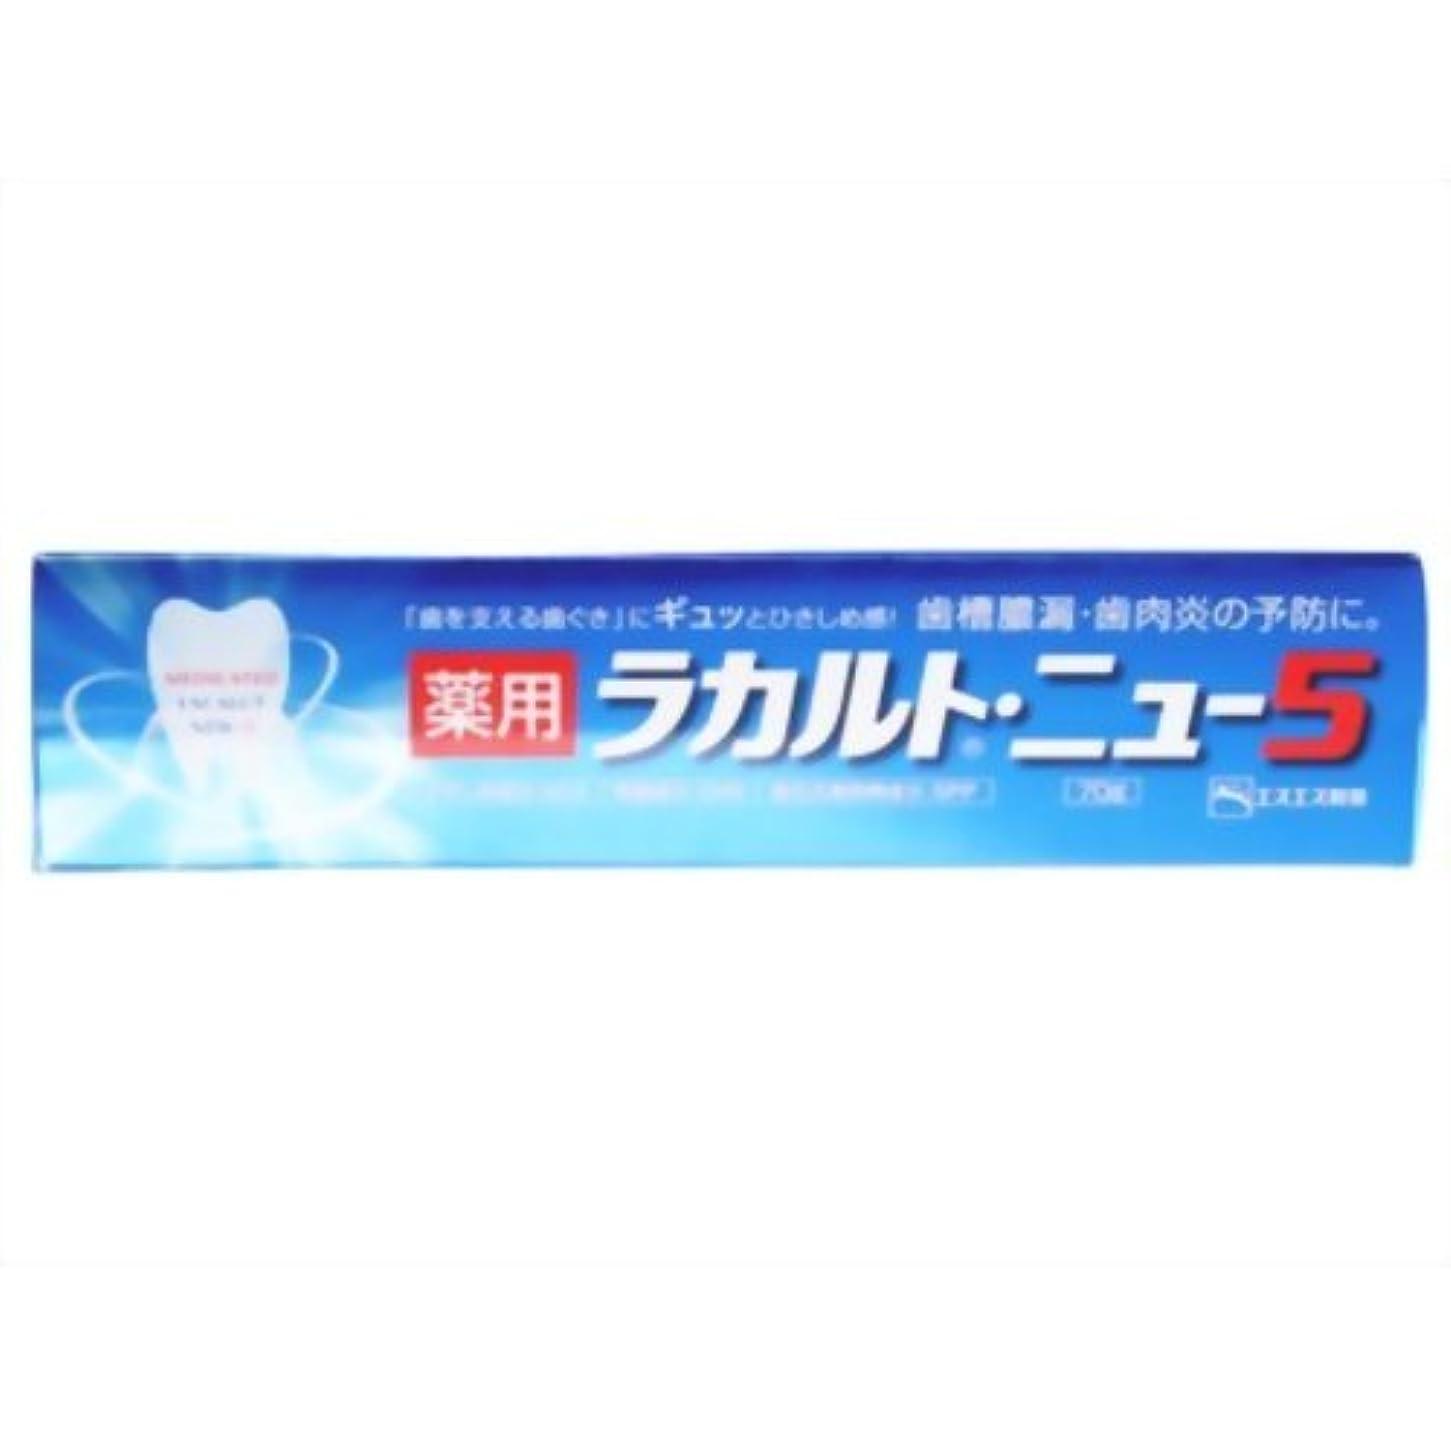 一見不規則性電気的【エスエス製薬】薬用ラカルト?ニュー5 70g ×5個セット